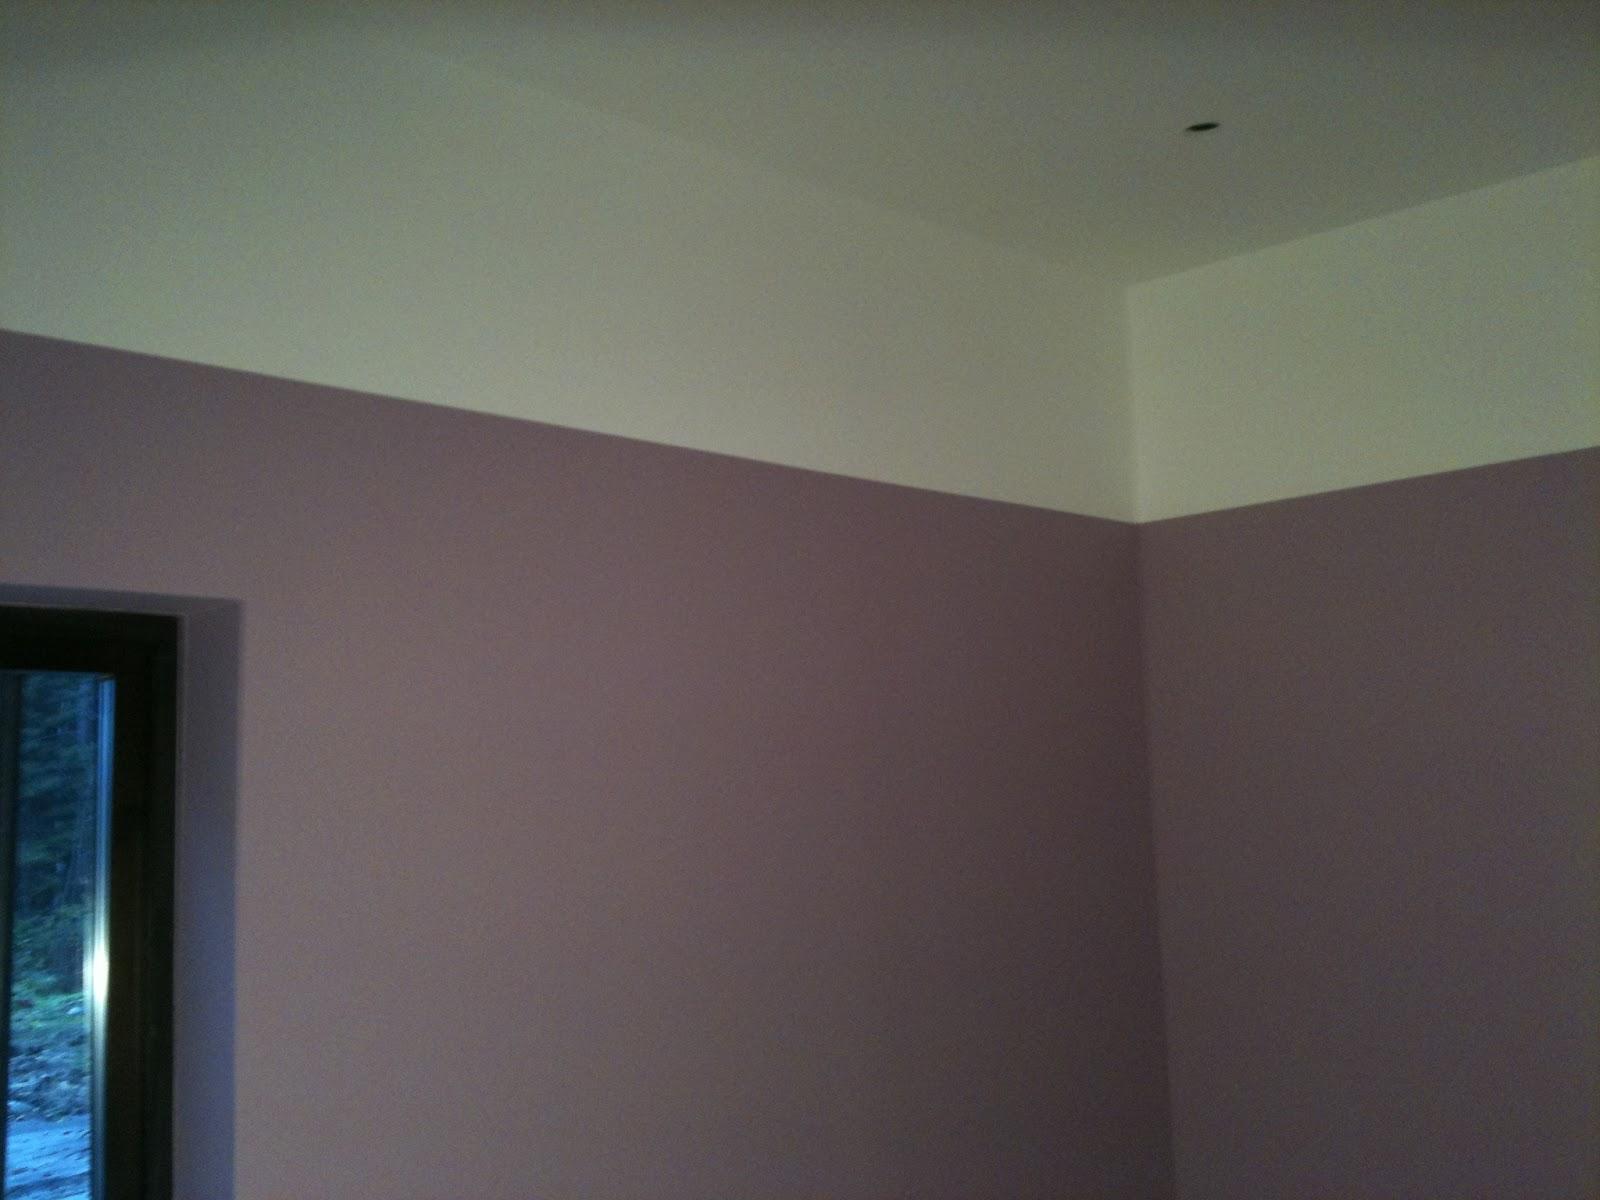 ULLEVIDSDAL: Fototapet, färg och andra framsteg